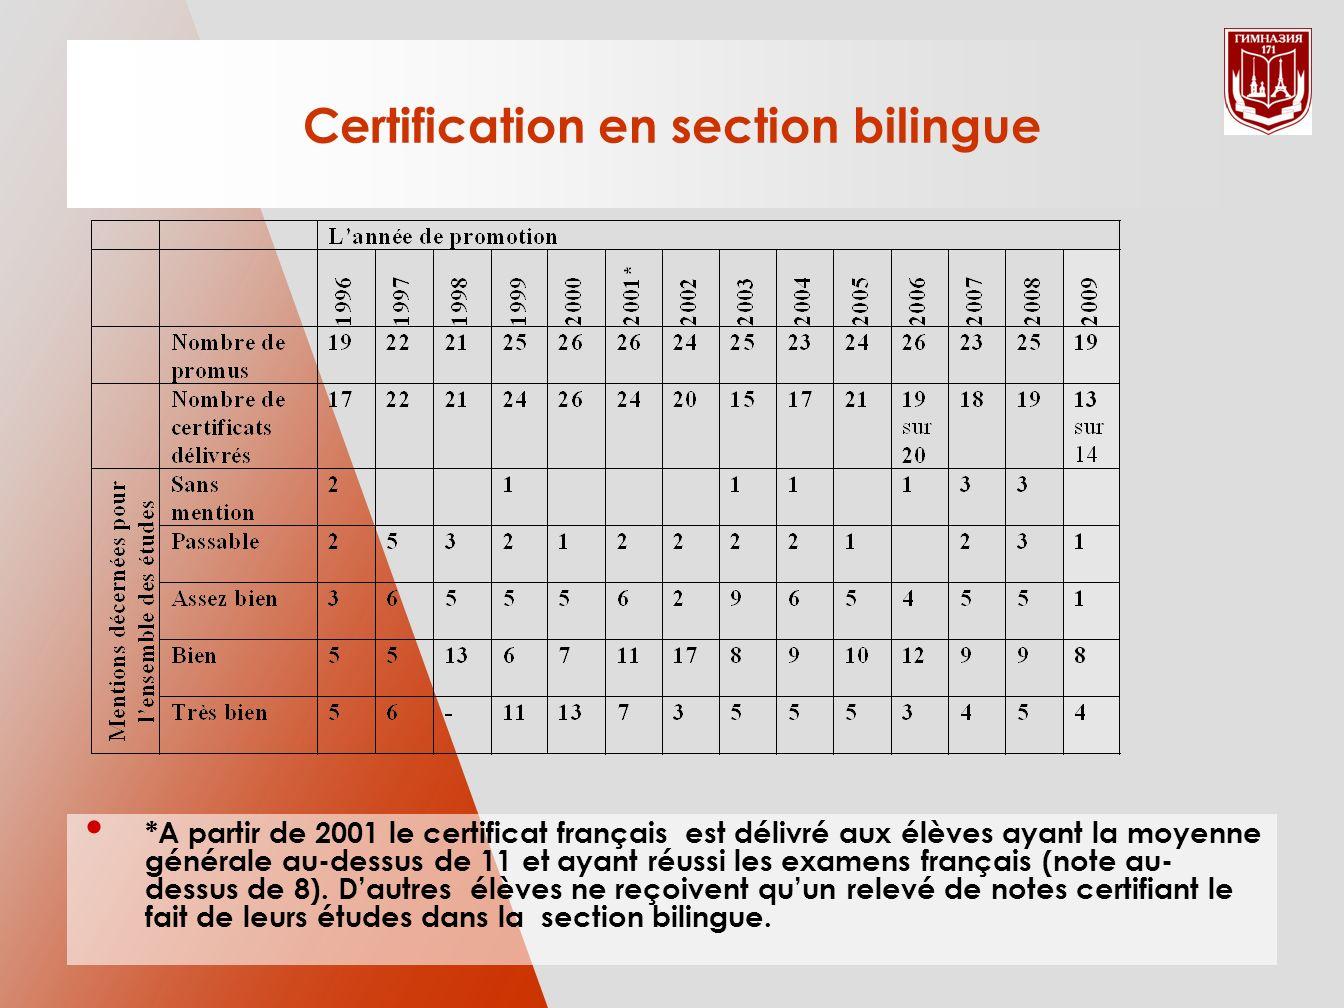 Certification en section bilingue *A partir de 2001 le certificat français est délivré aux élèves ayant la moyenne générale au-dessus de 11 et ayant réussi les examens français (note au- dessus de 8).